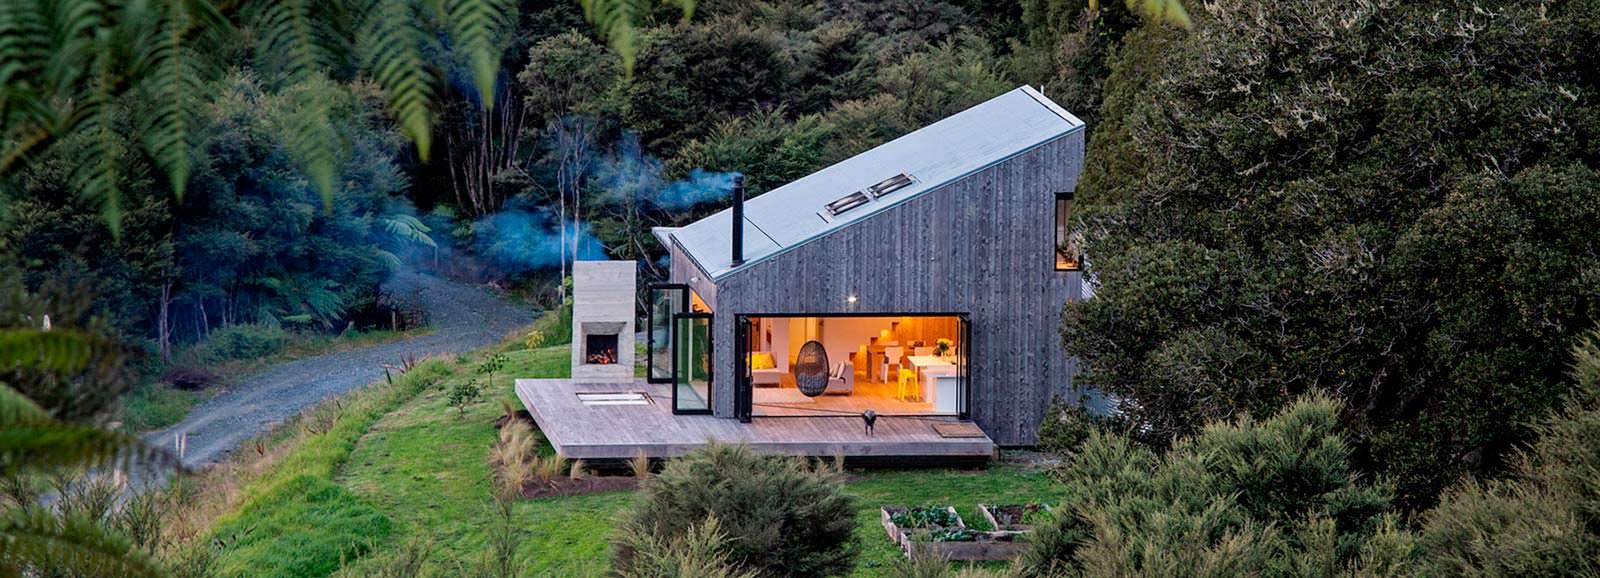 Домик в джунглях Новой Зеландии от LTD Architectural